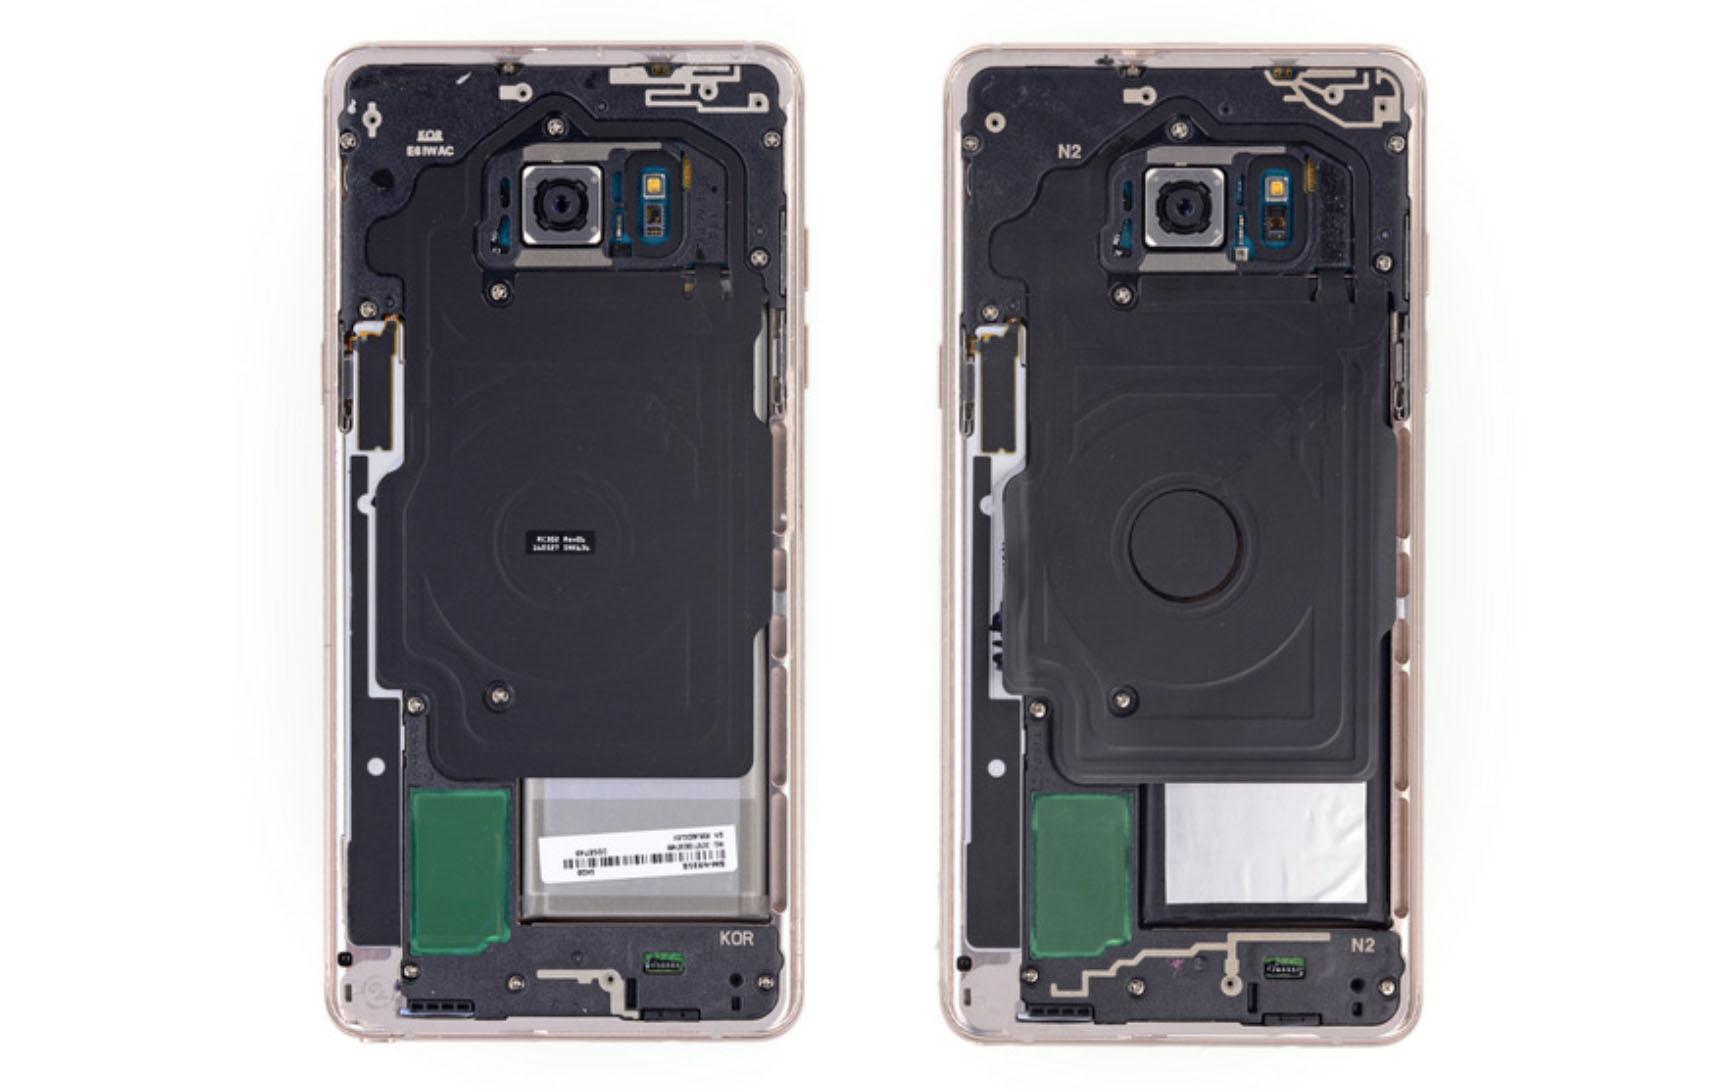 Demonteringen av Galaxy Note Fan Edition viser at den er helt like Note 7 - utenom batteriet.